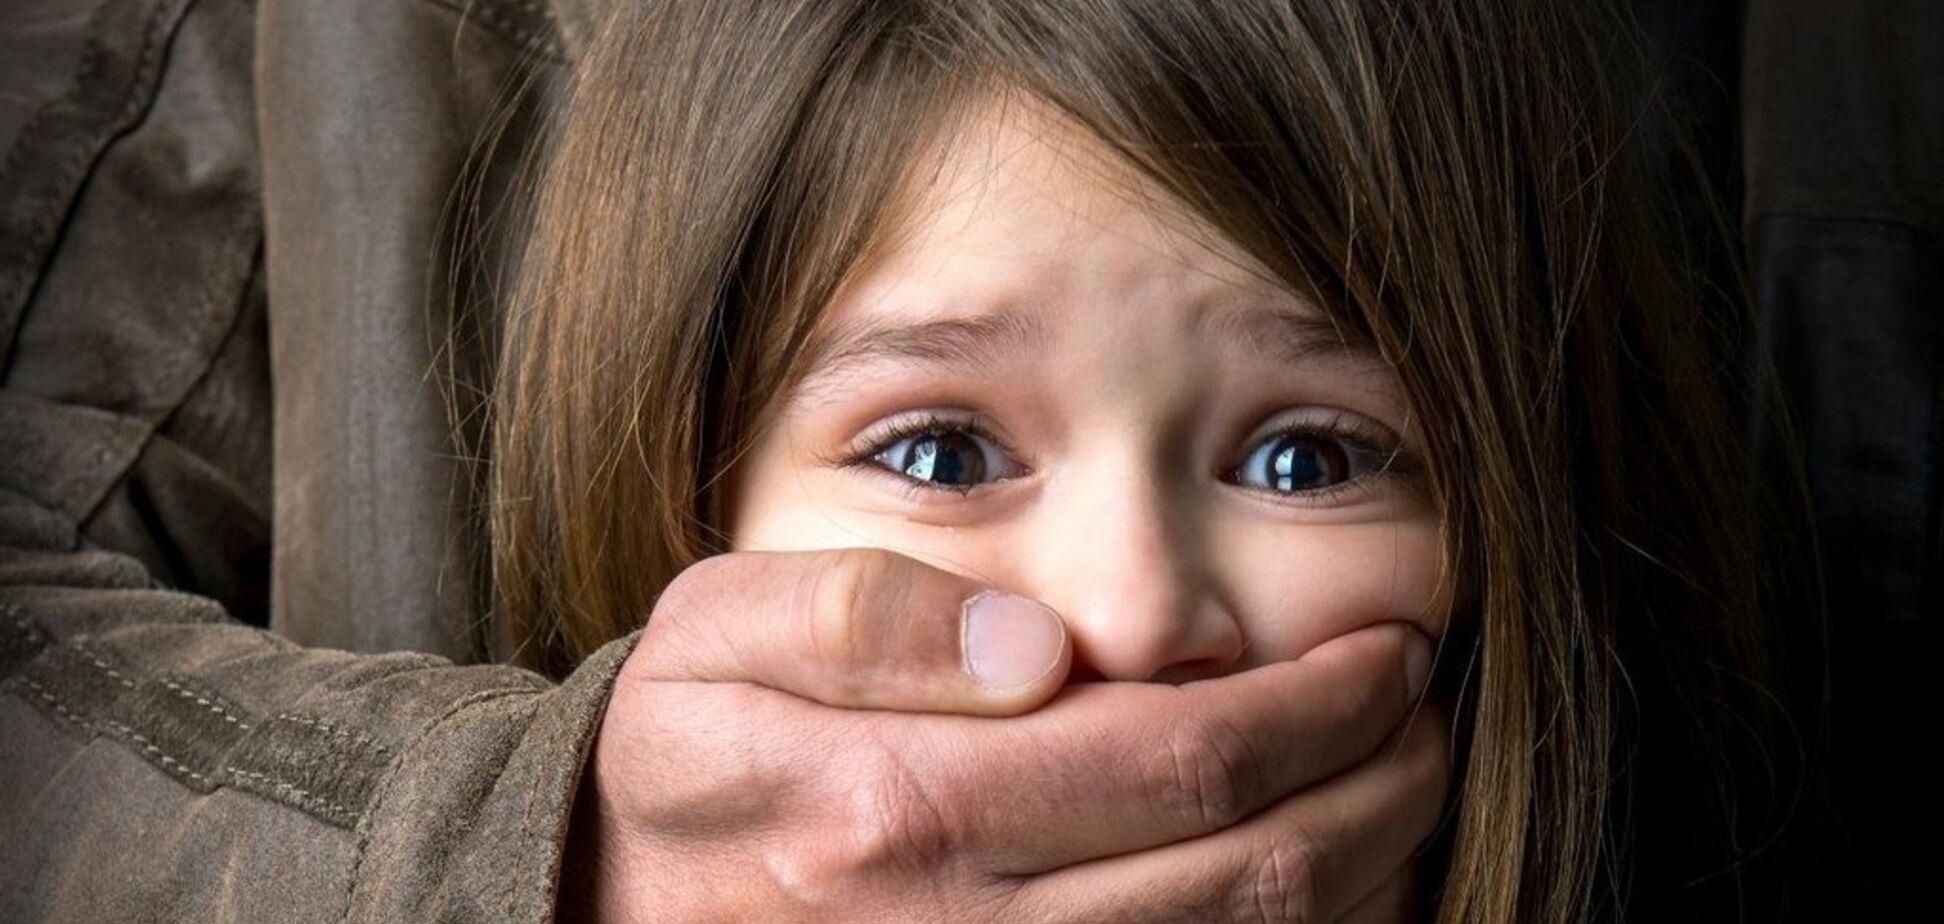 Посреди поля: под Киевом педофил неестественным способом изнасиловал ребенка